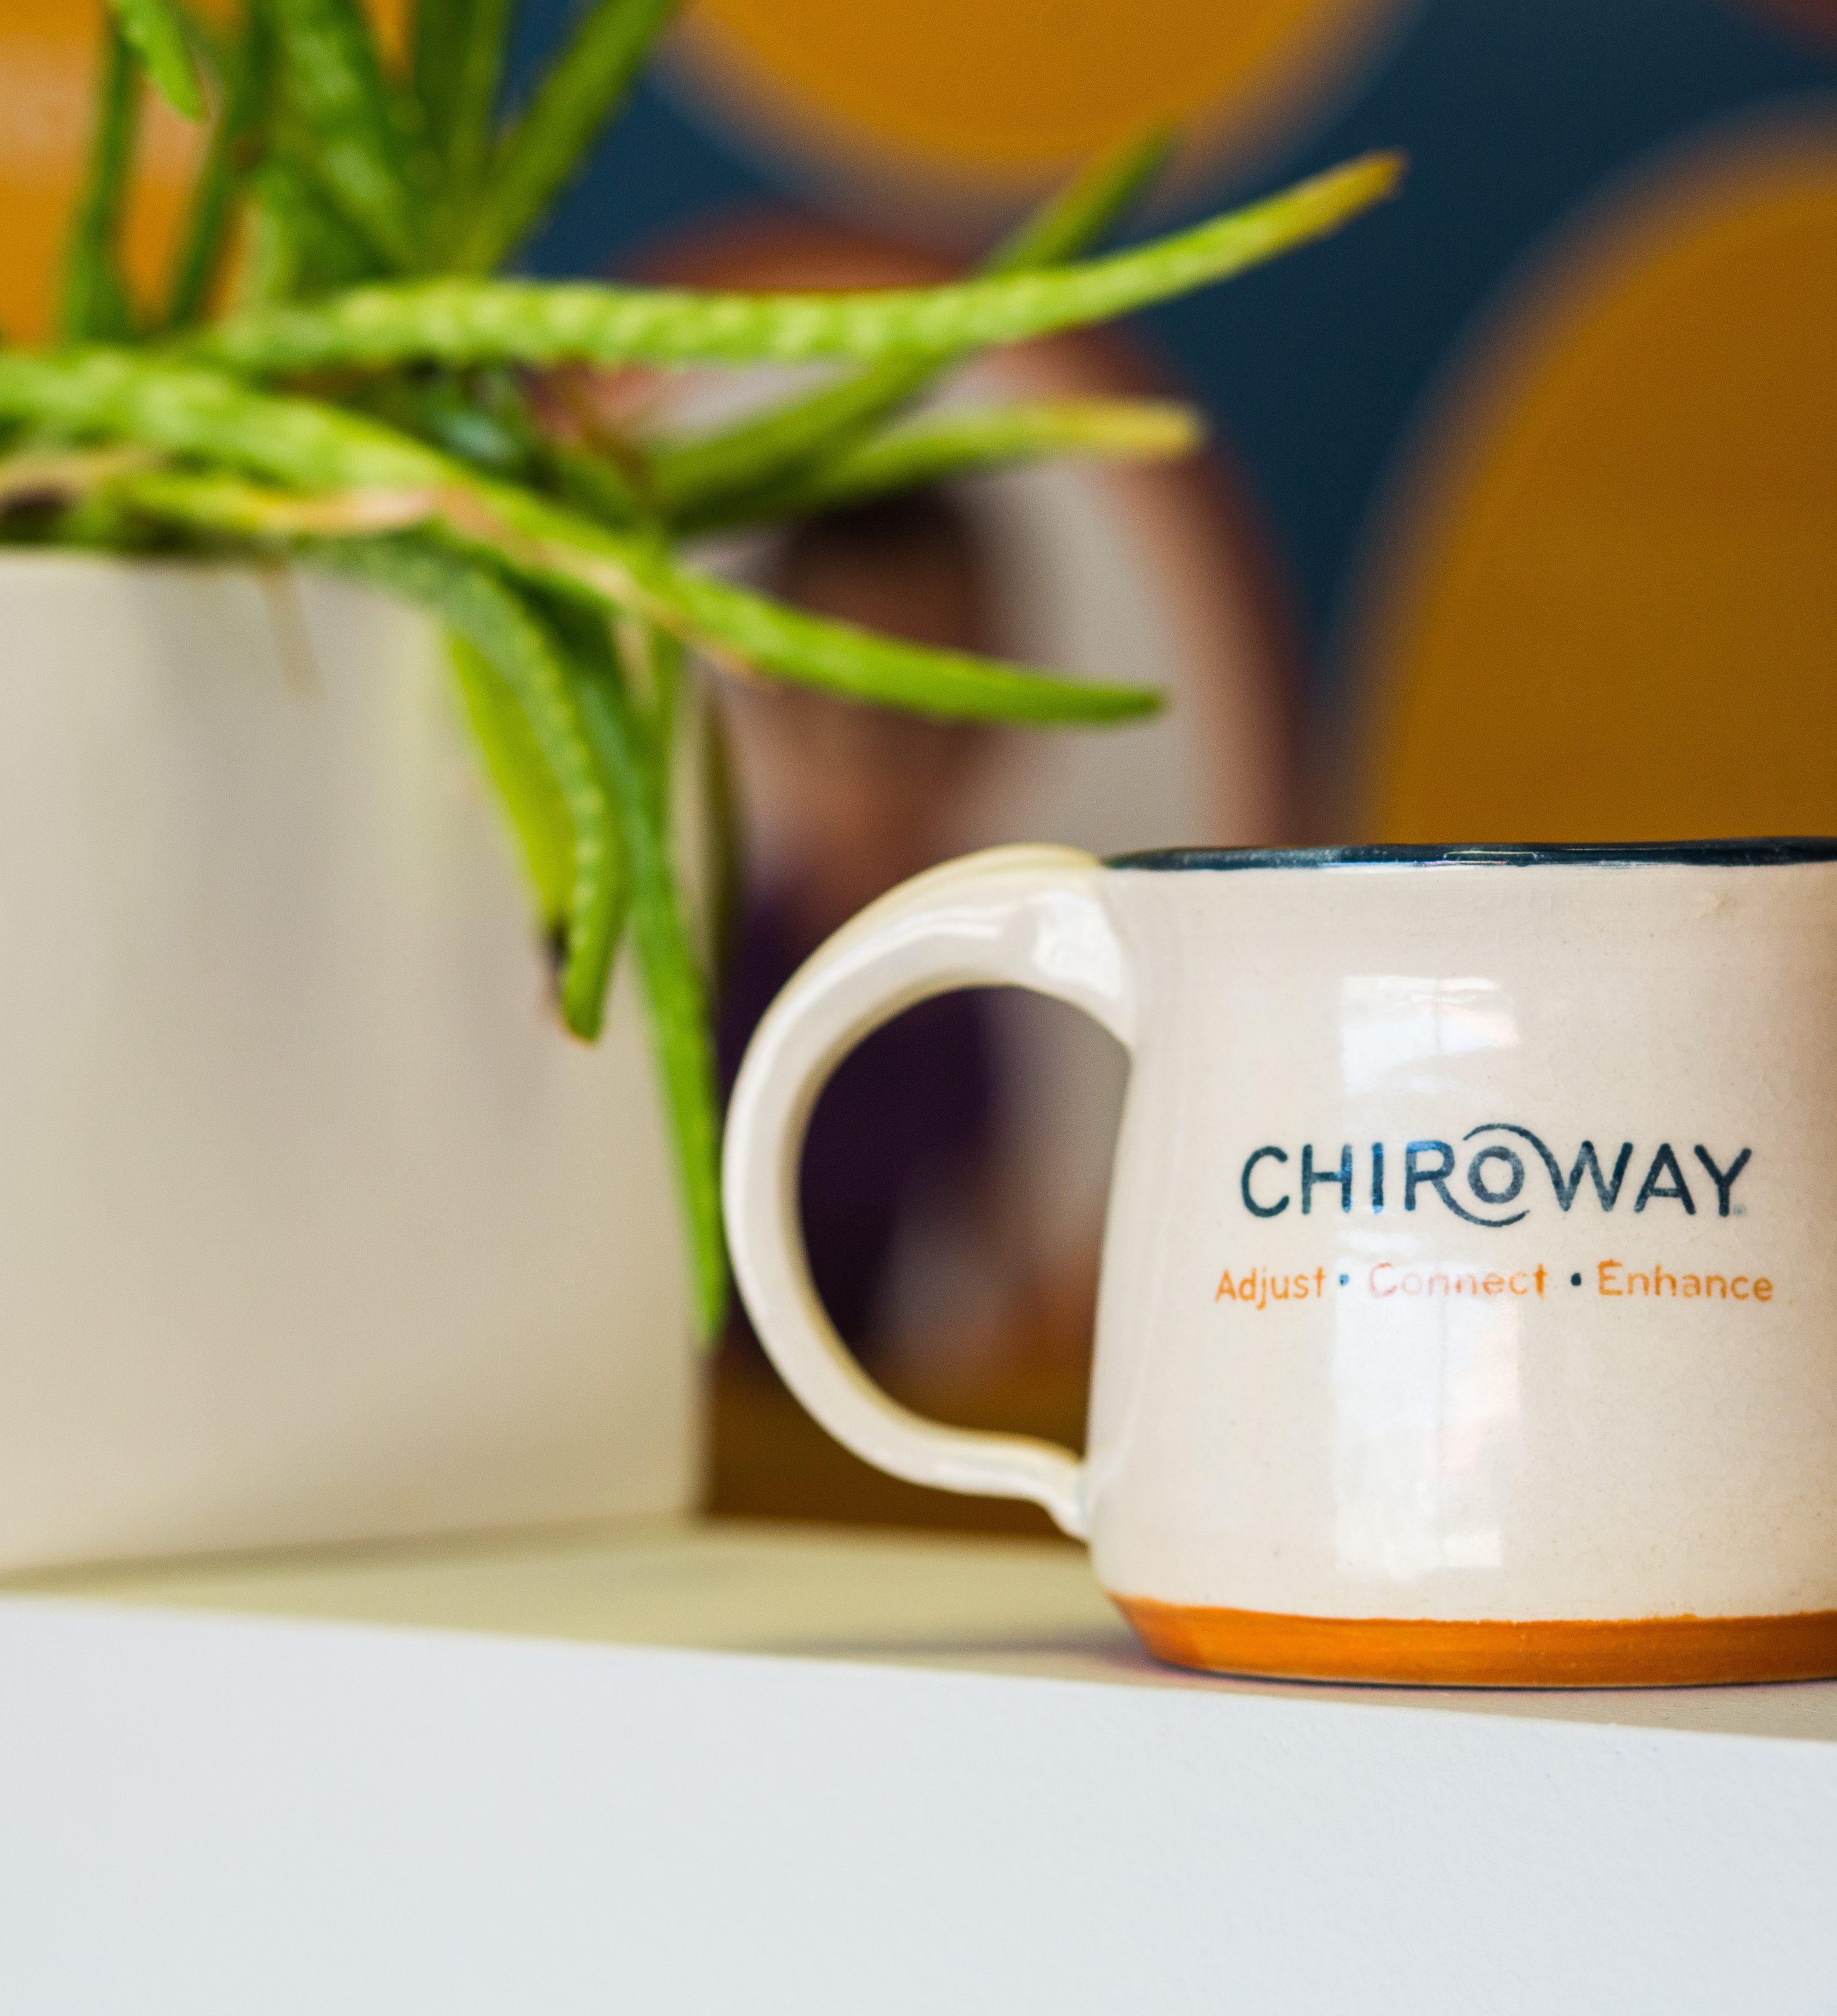 ChiroWay Franchise Process